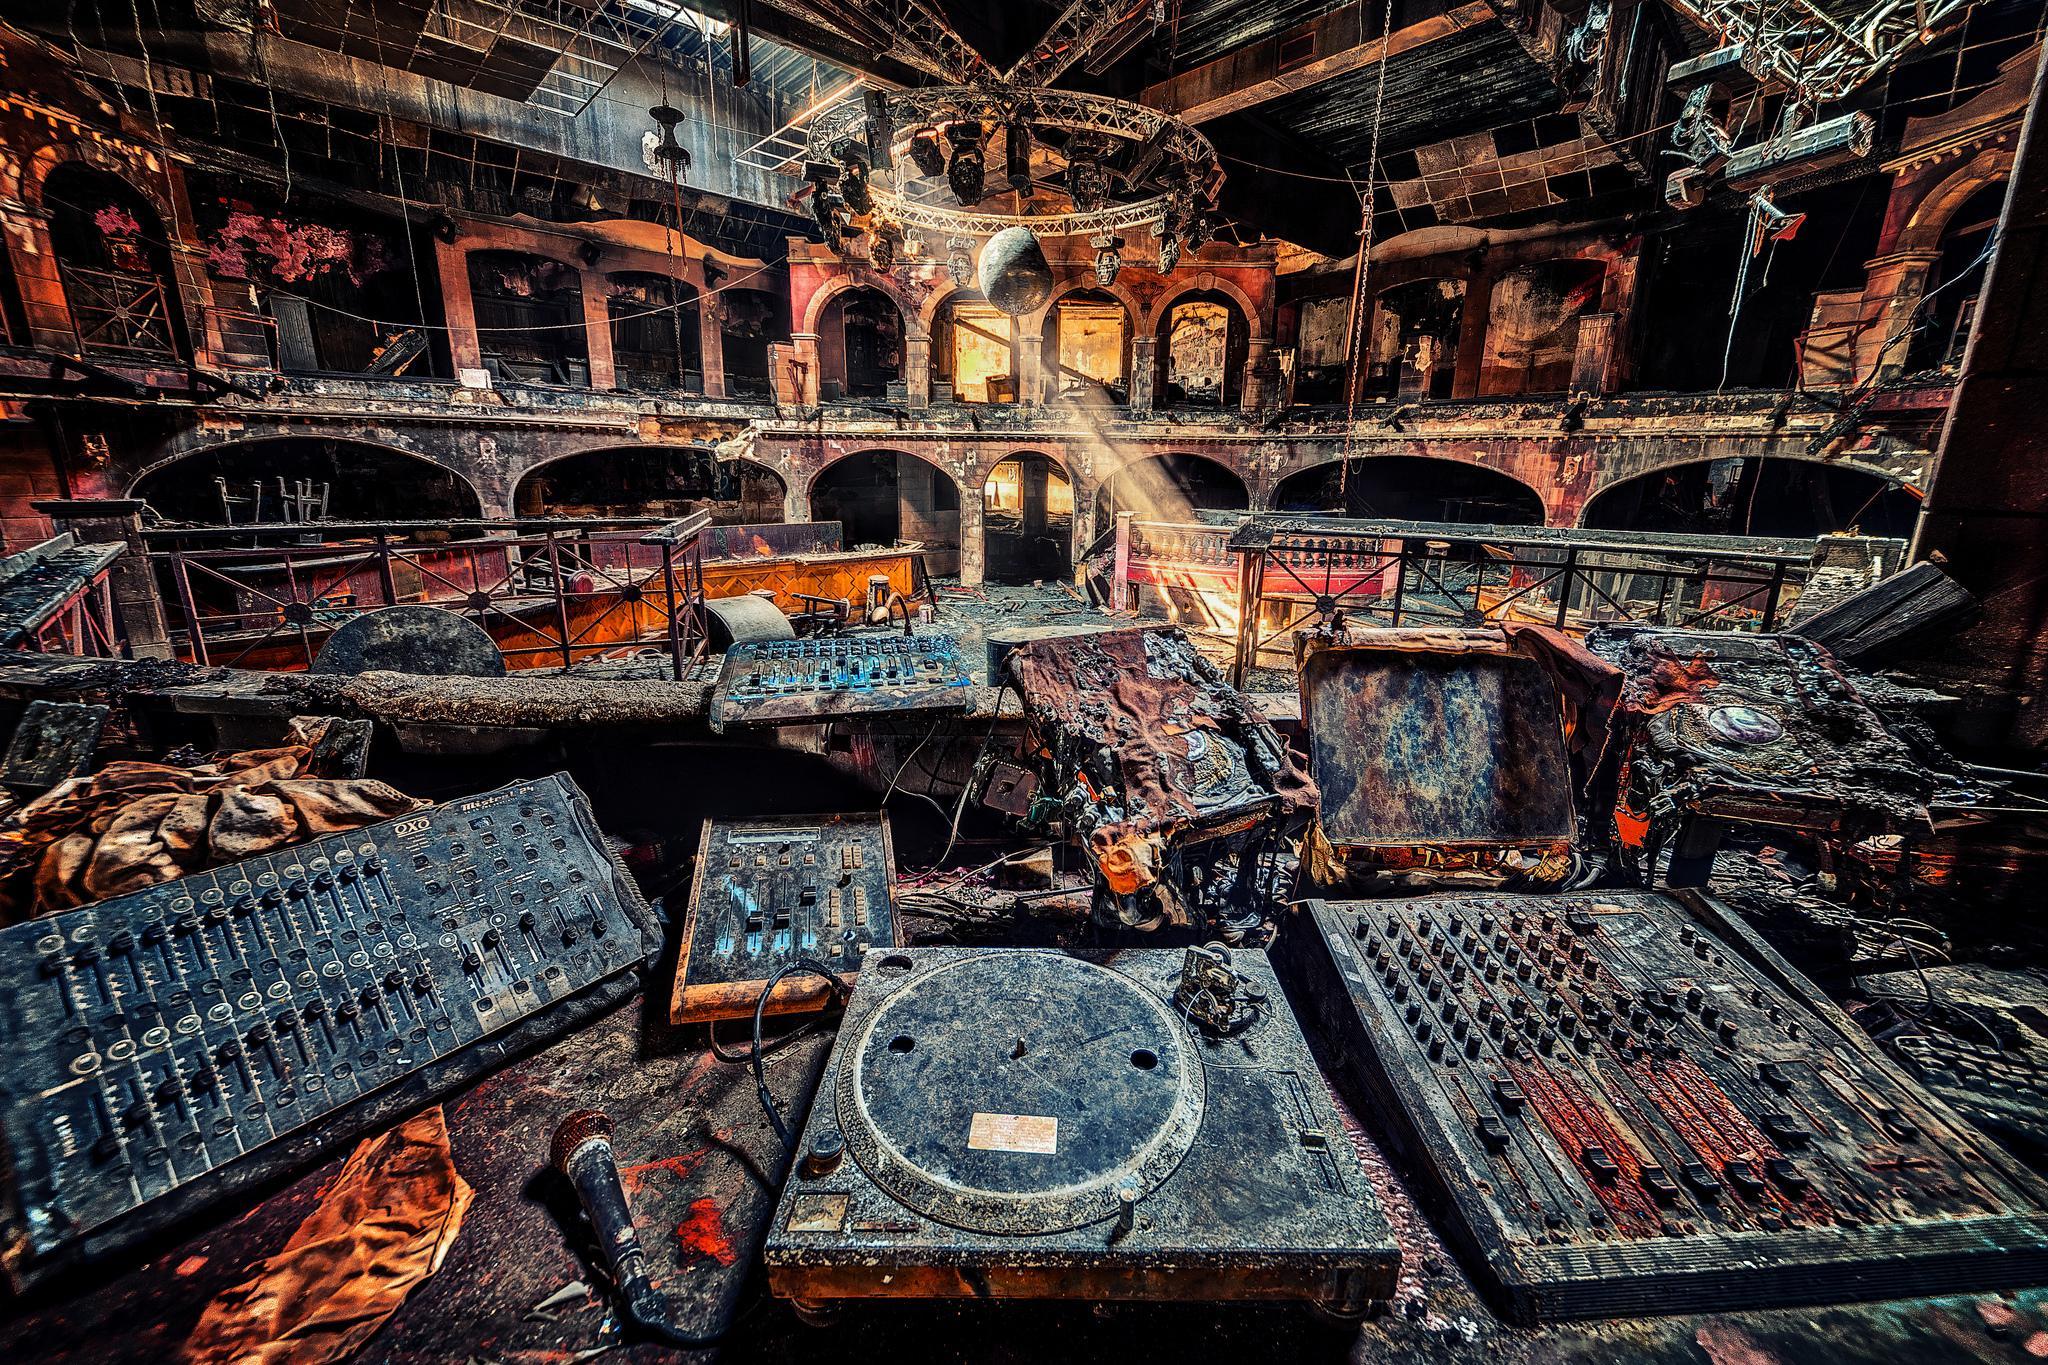 обои заброшенный ночной клуб, диджей, руины, архитектура картинки фото